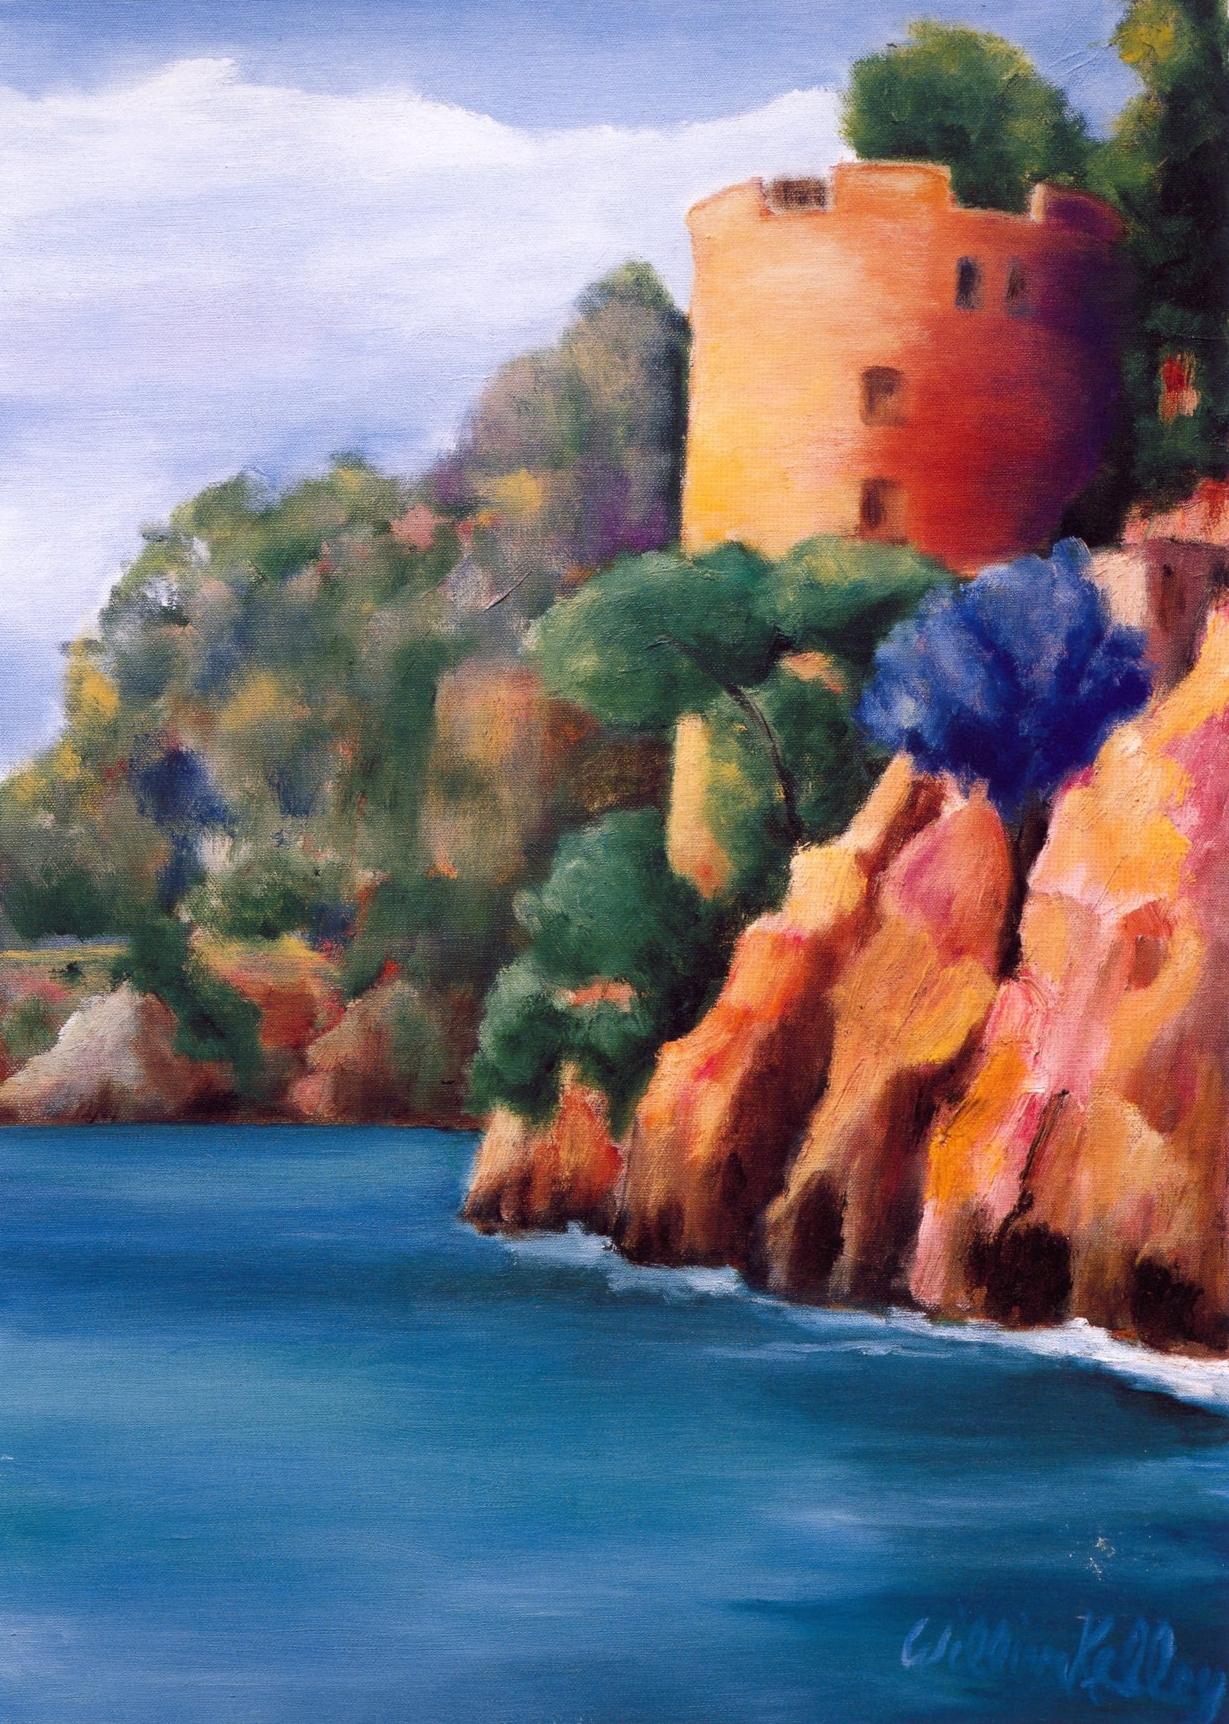 Il Castello, Positano   Oil on canvas, 24'' x 32'', 2004